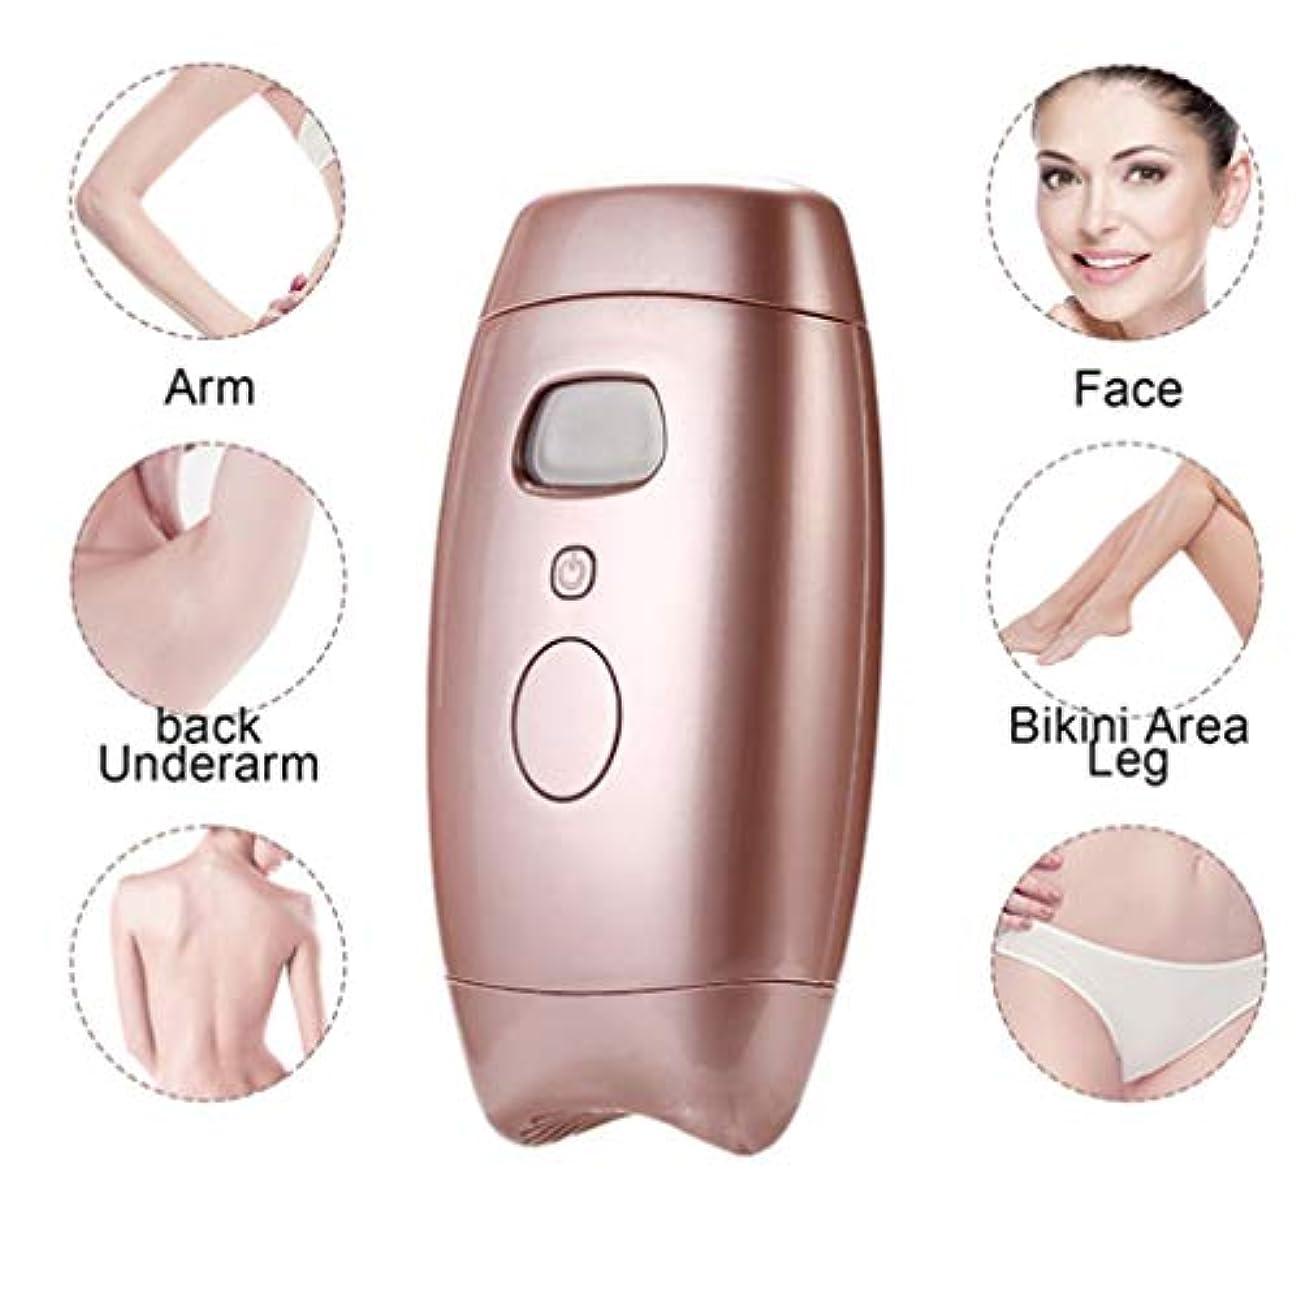 まあラリー引き算女性の男性の体の顔とビキニ脇の下にレーザー痛みのない永久的な美容デバイスの脱毛システムポータブル脱毛器